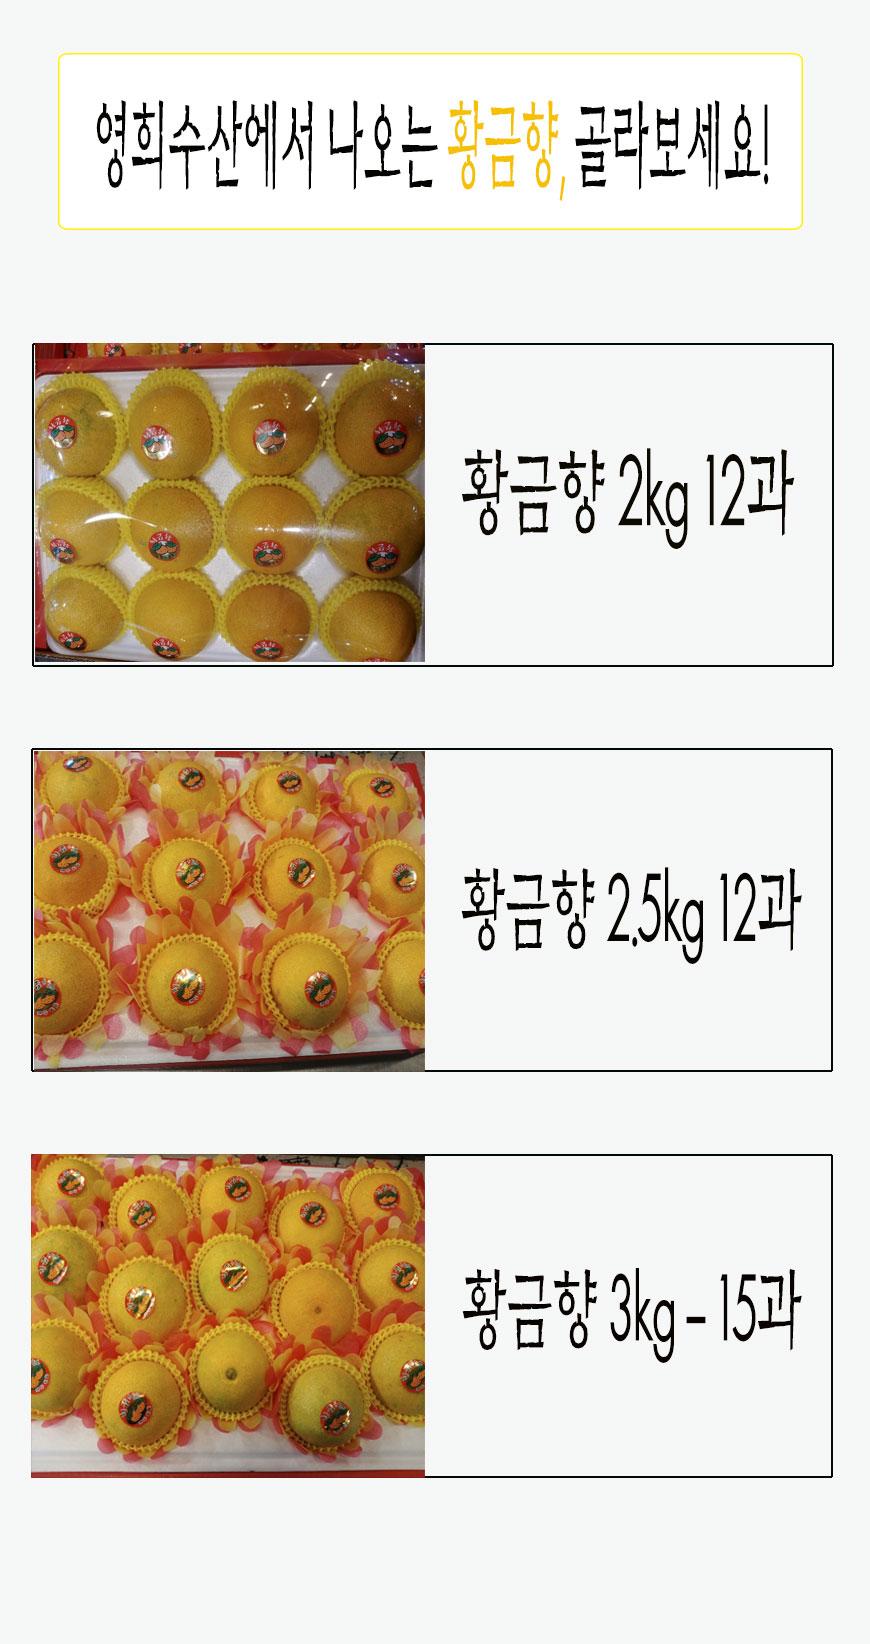 황금향소개.jpg